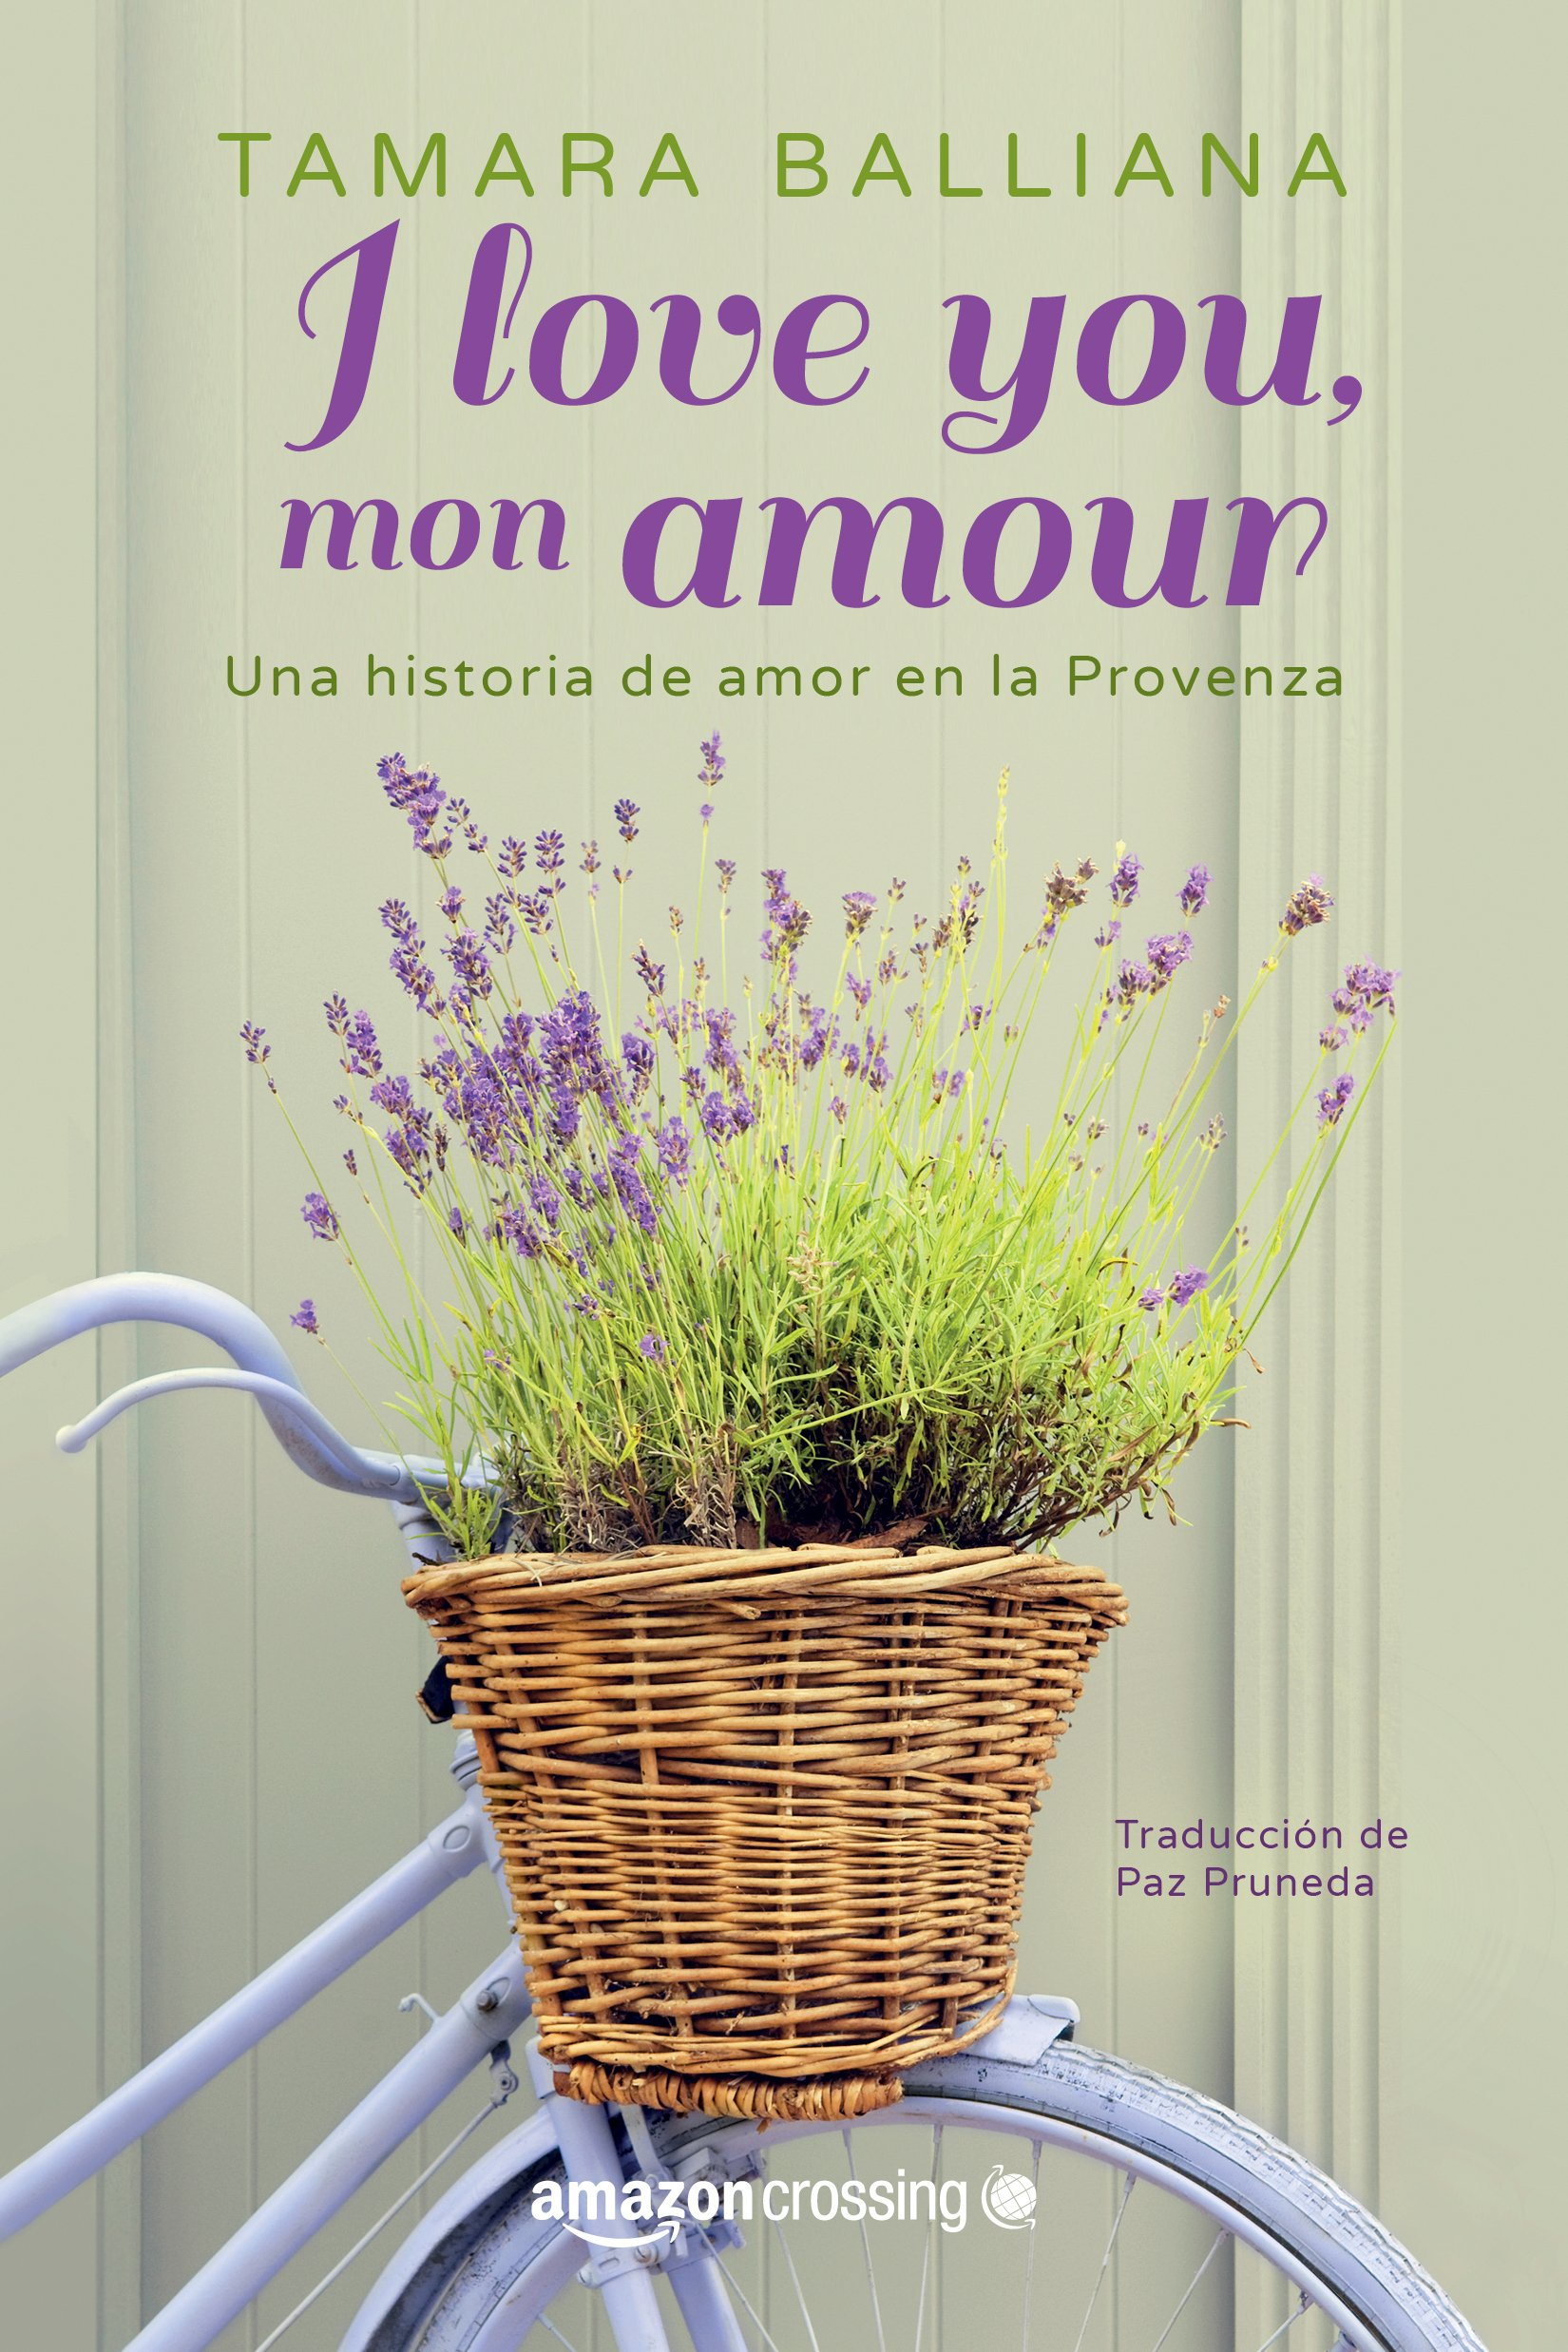 Resultado de imagen de I love you, mon amour Tamara Balliana